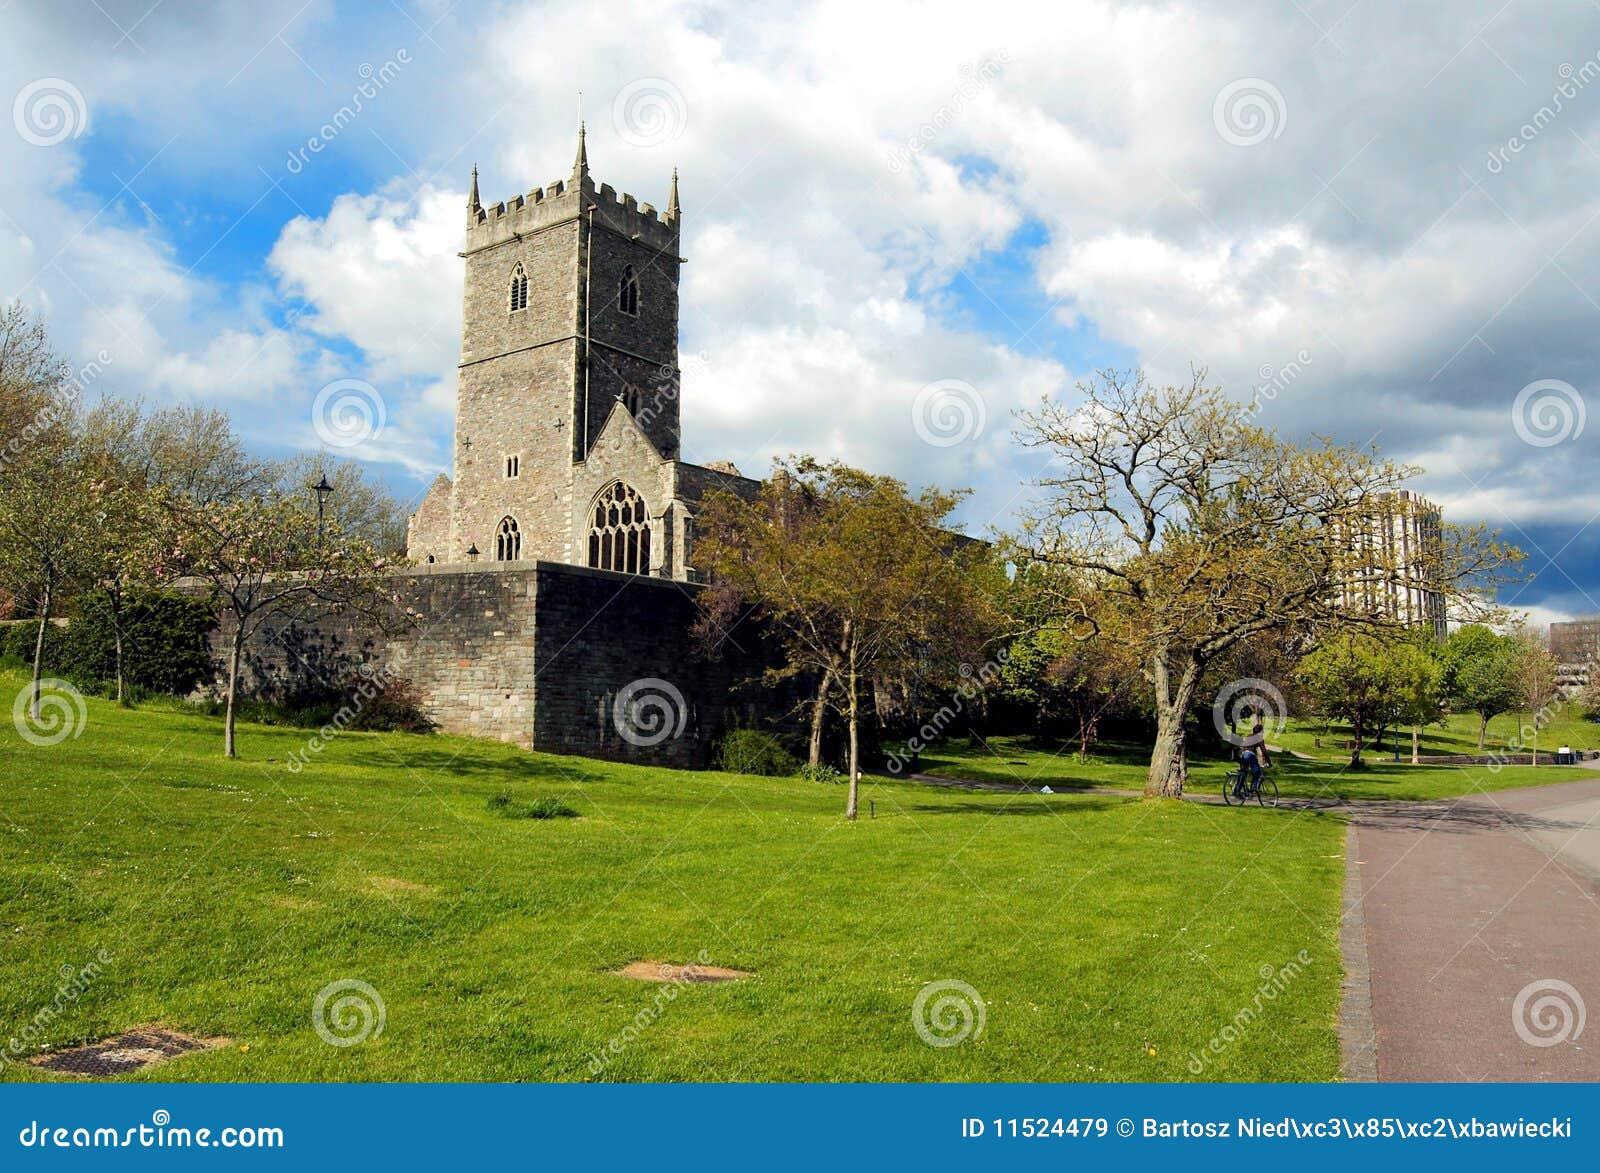 castle in park in bristol uk royalty free stock images. Black Bedroom Furniture Sets. Home Design Ideas